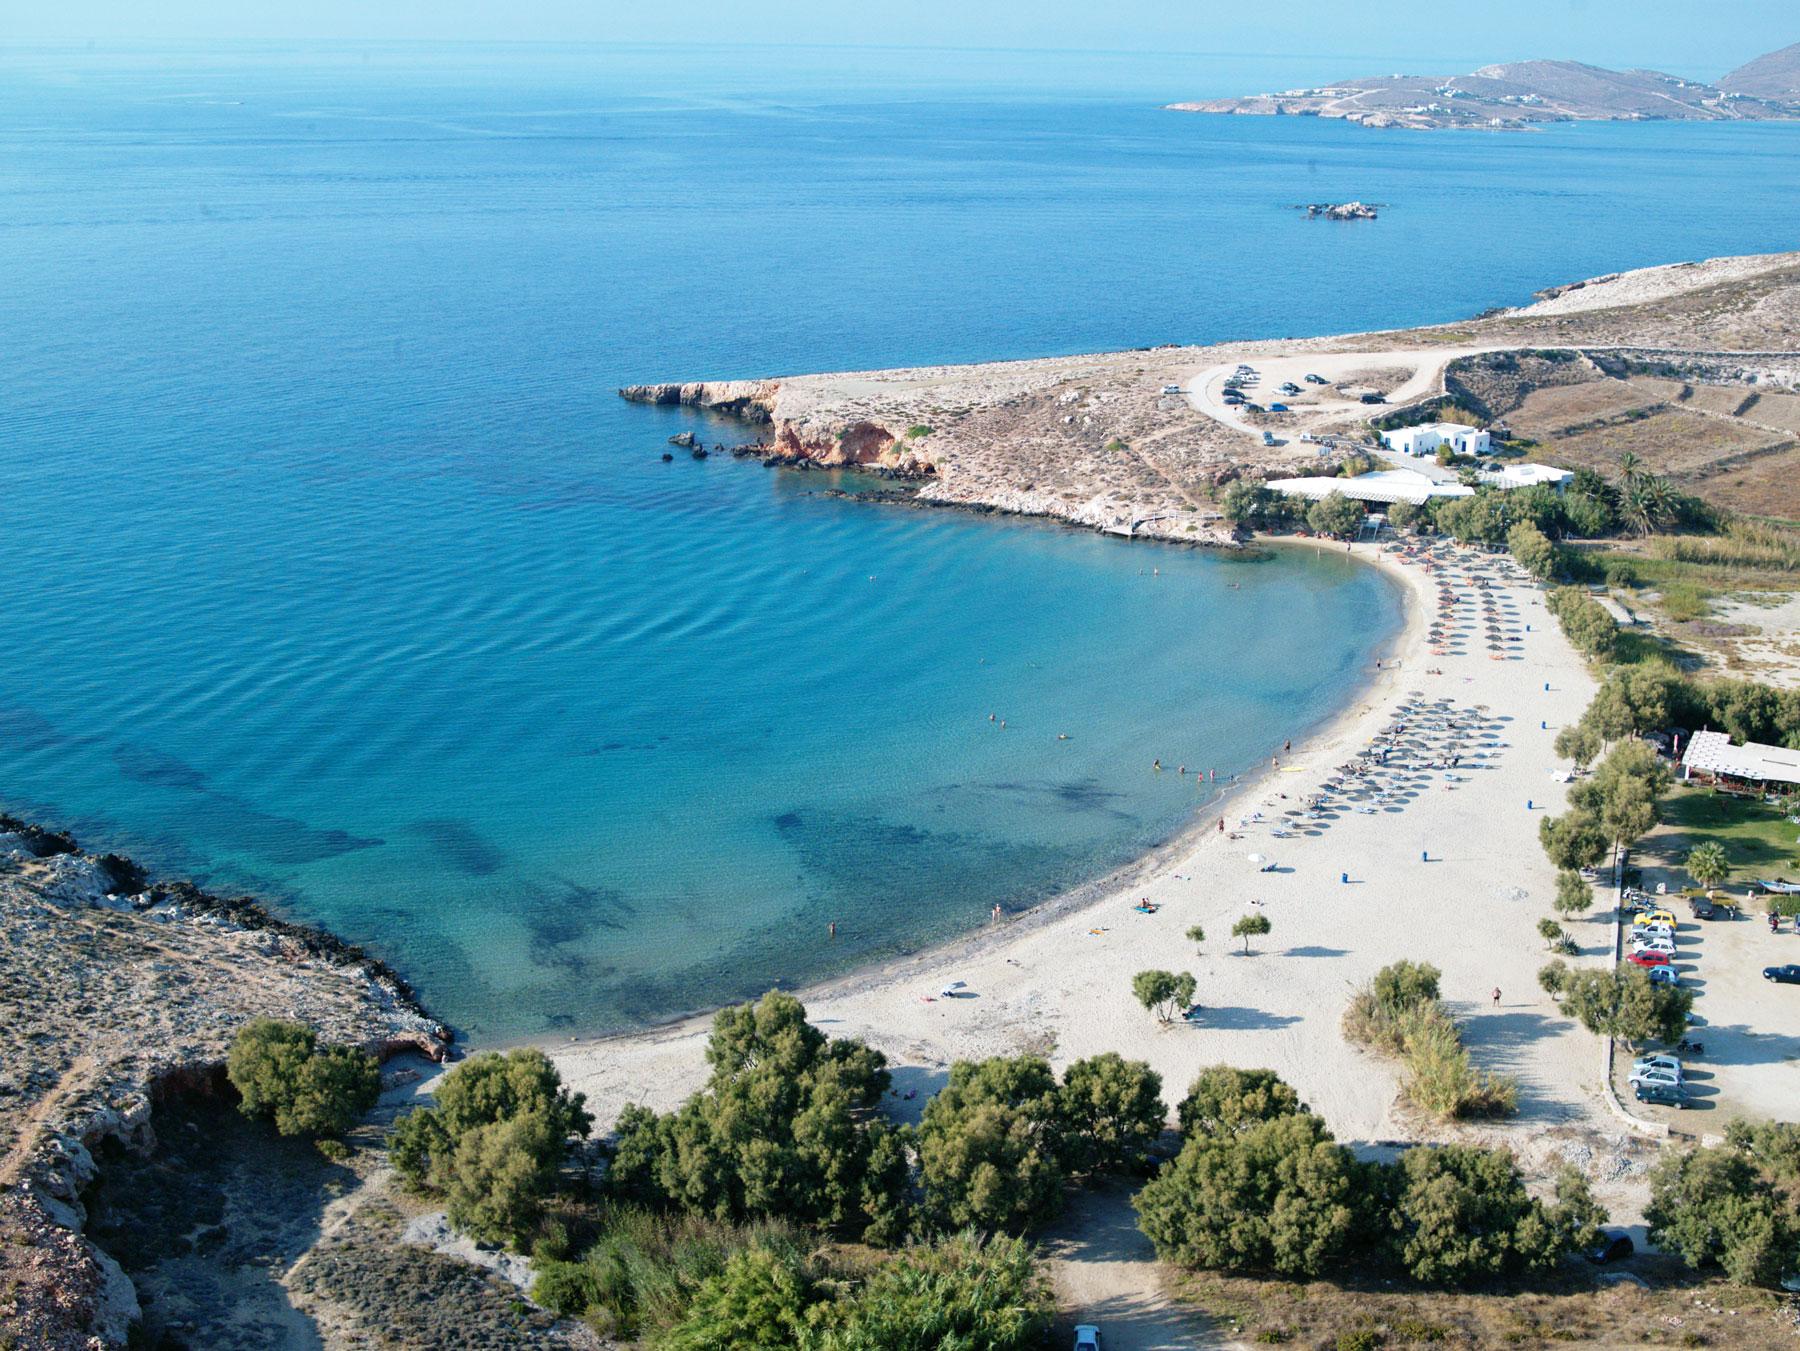 La plage de Parasporos à Paros